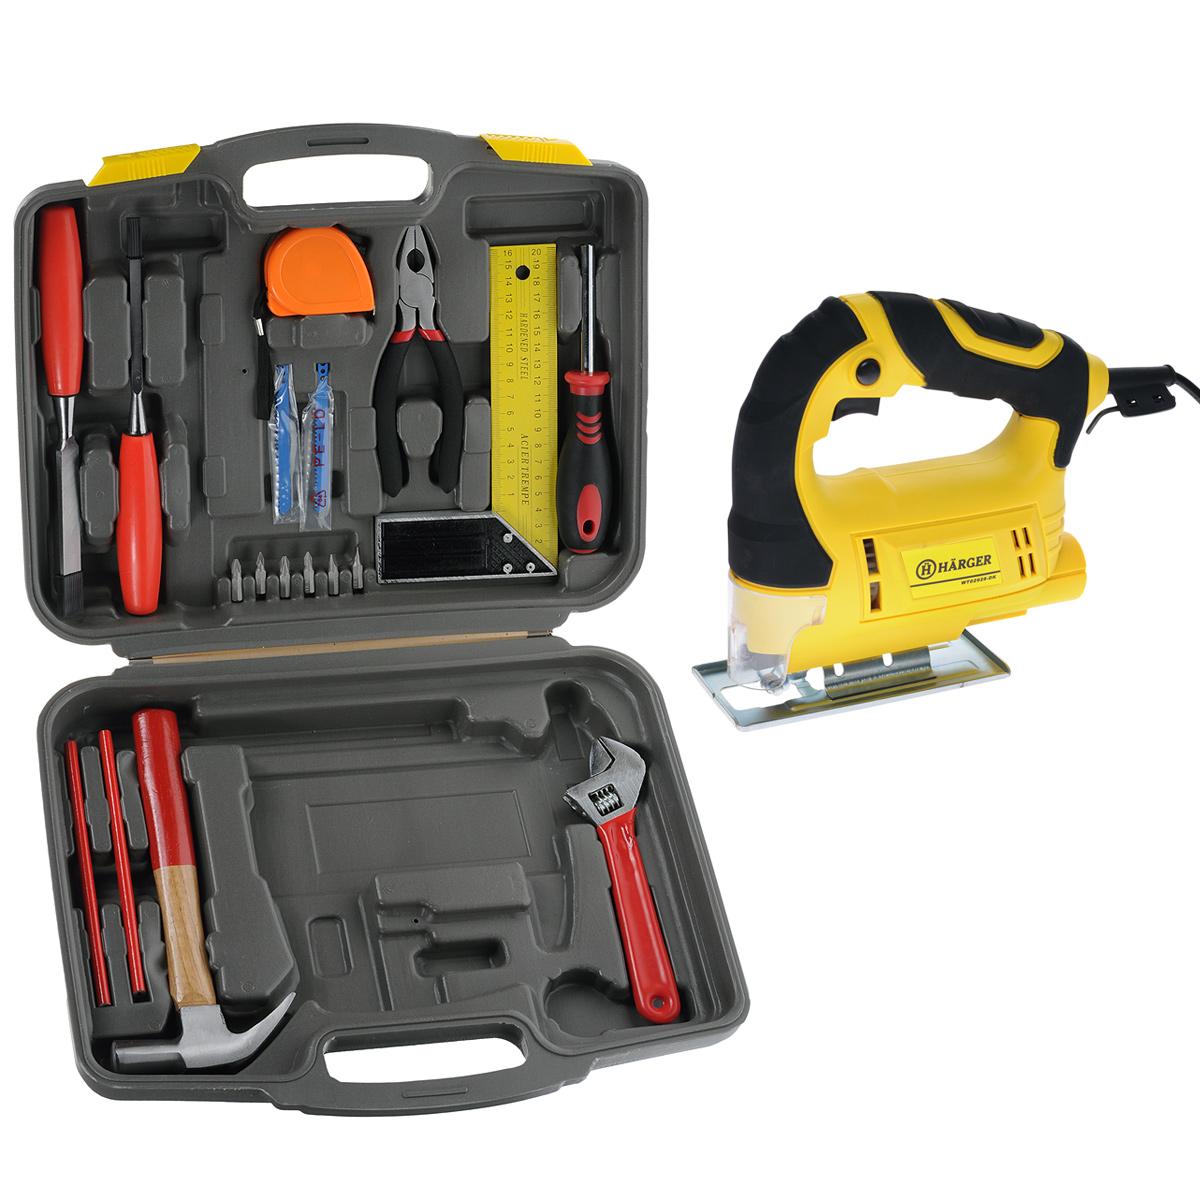 Электролобзик Harger WT02928-DK + набор инструментов в подарок ( WT02928-DK )